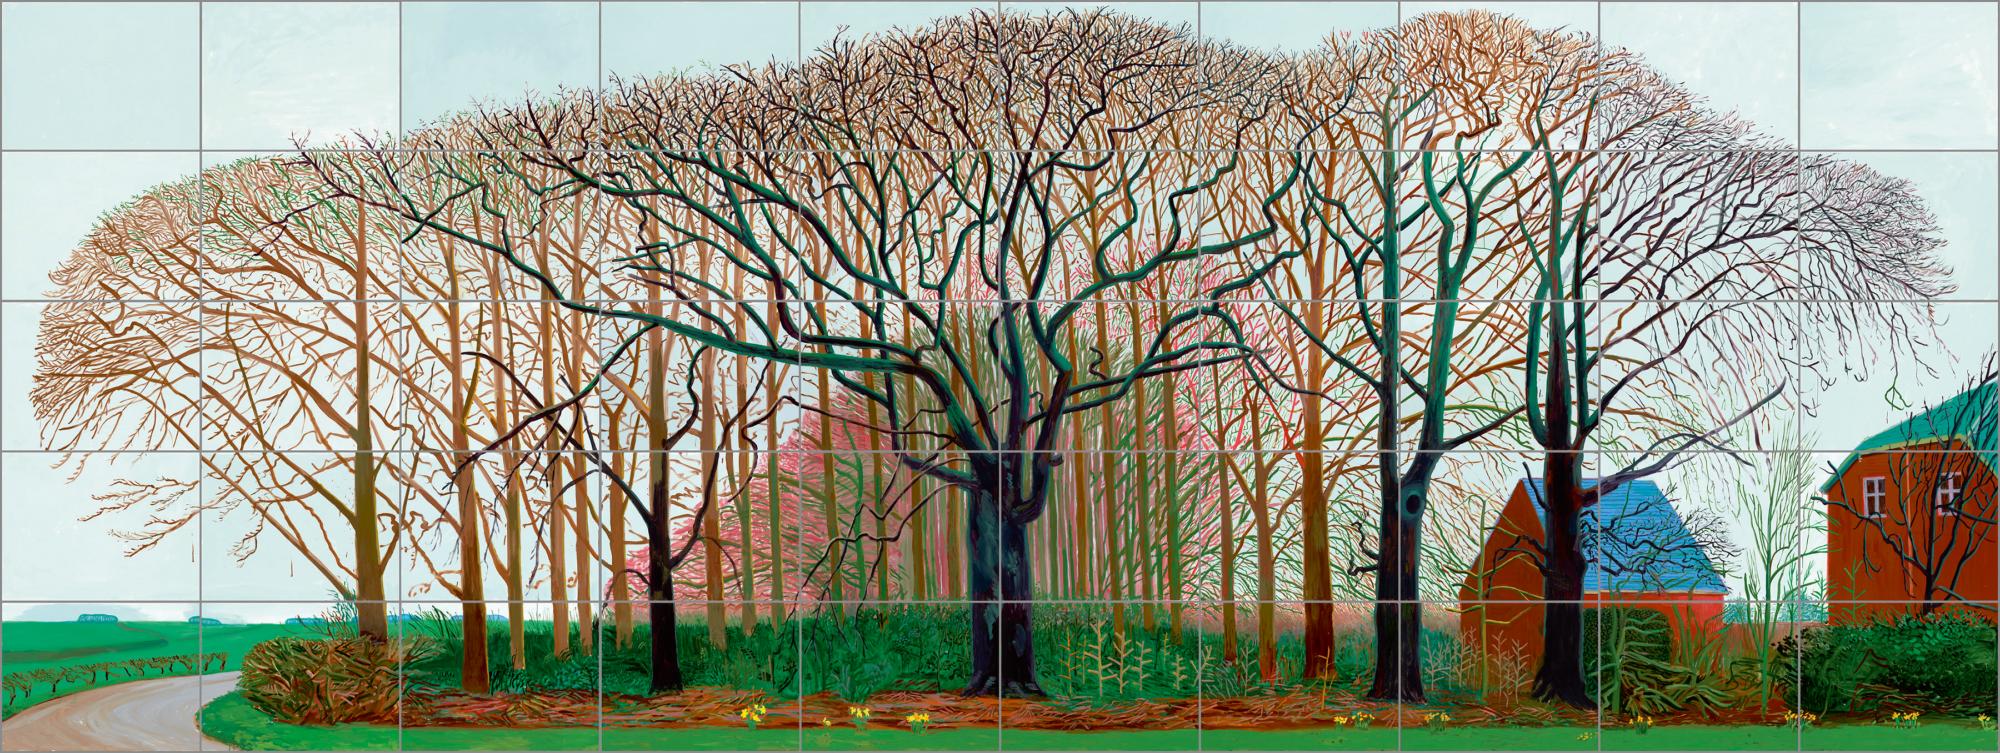 大衛.霍克尼,《華特附近的巨樹羣(又名後攝影時代的戶外寫生)》,2007© David Hockney